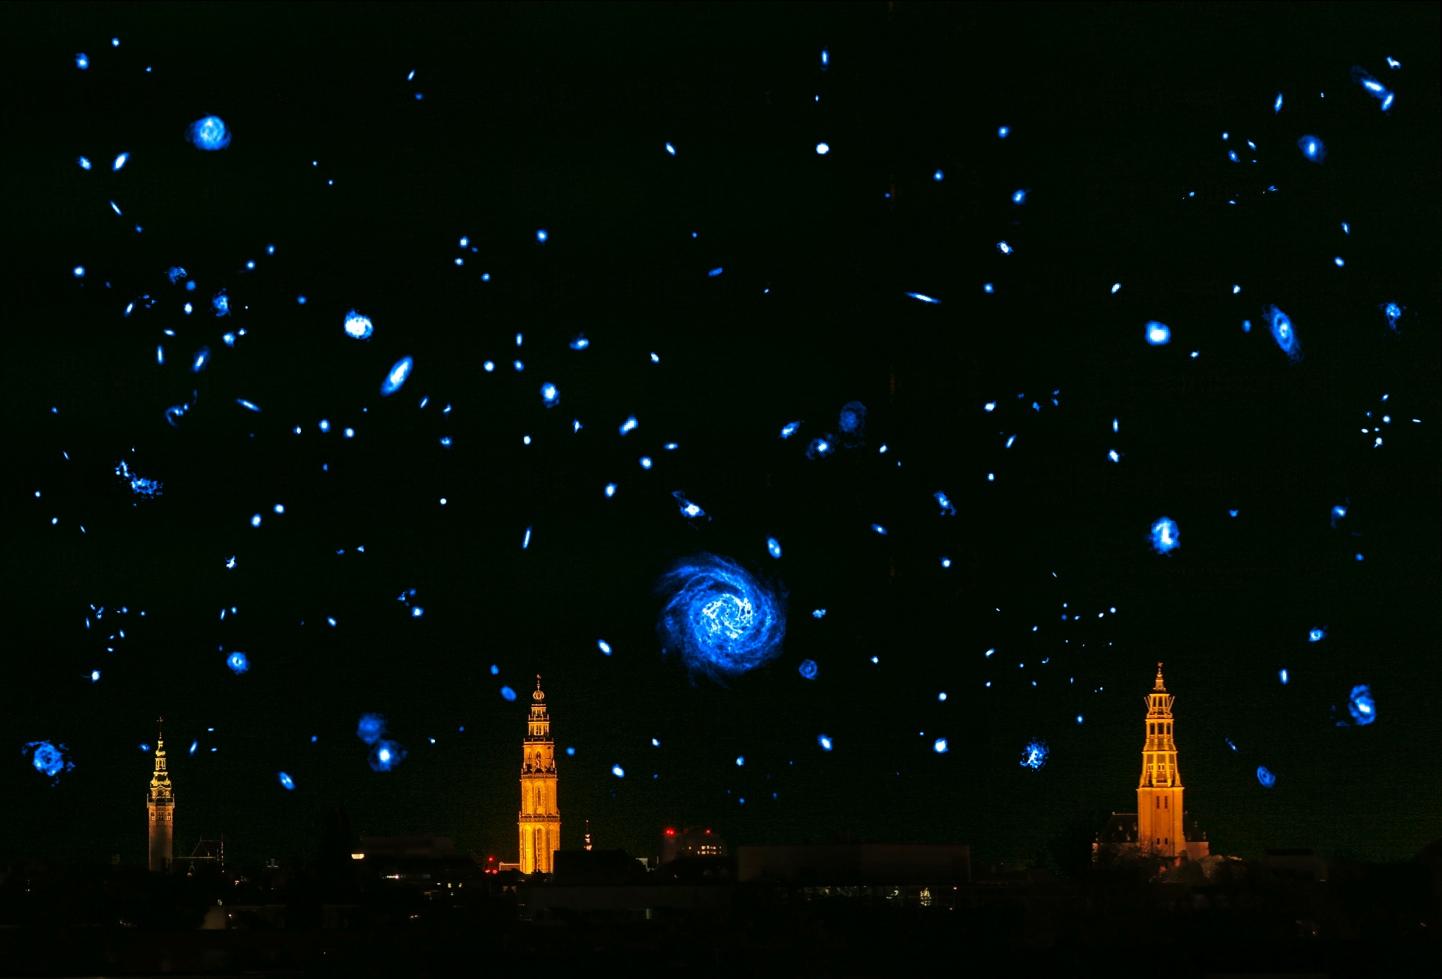 radio astronomy - photo #36